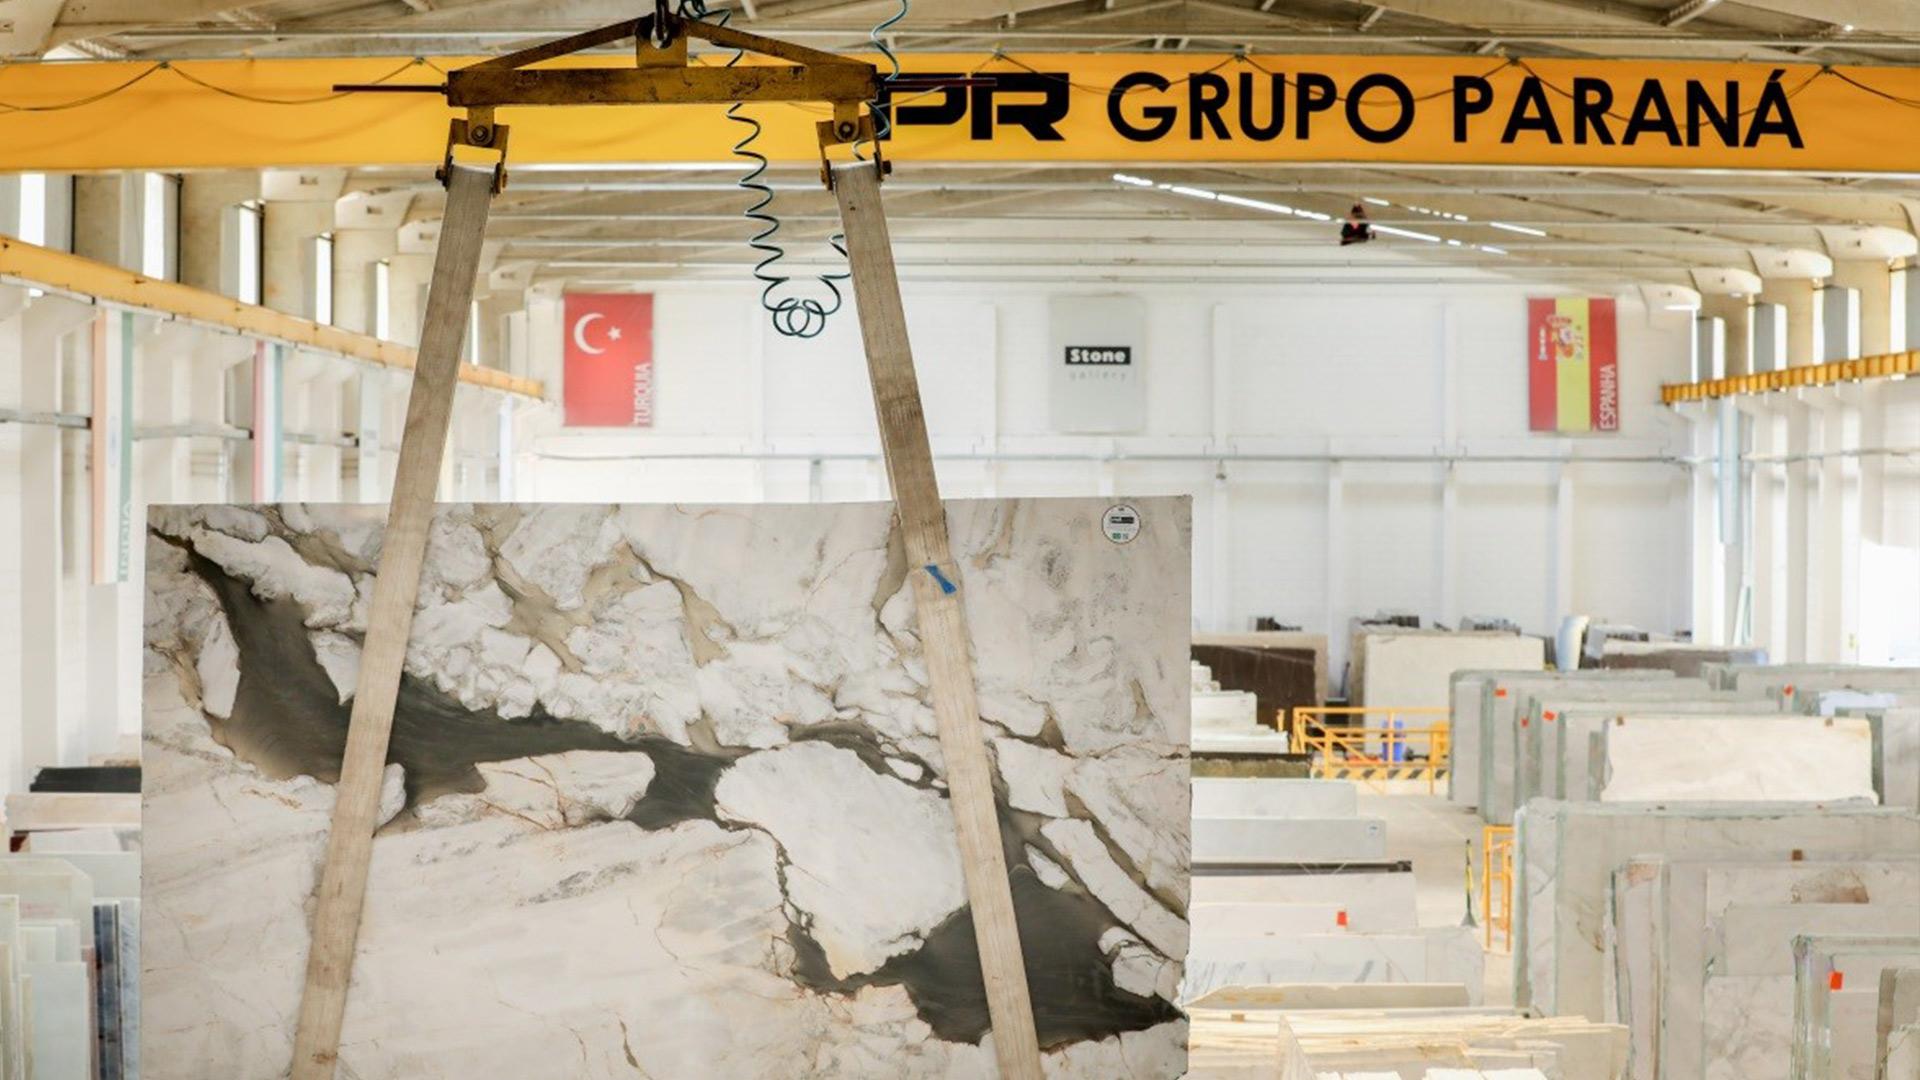 O PR Grupo Paraná busca novas tecnologias que valorizem seus produtos.